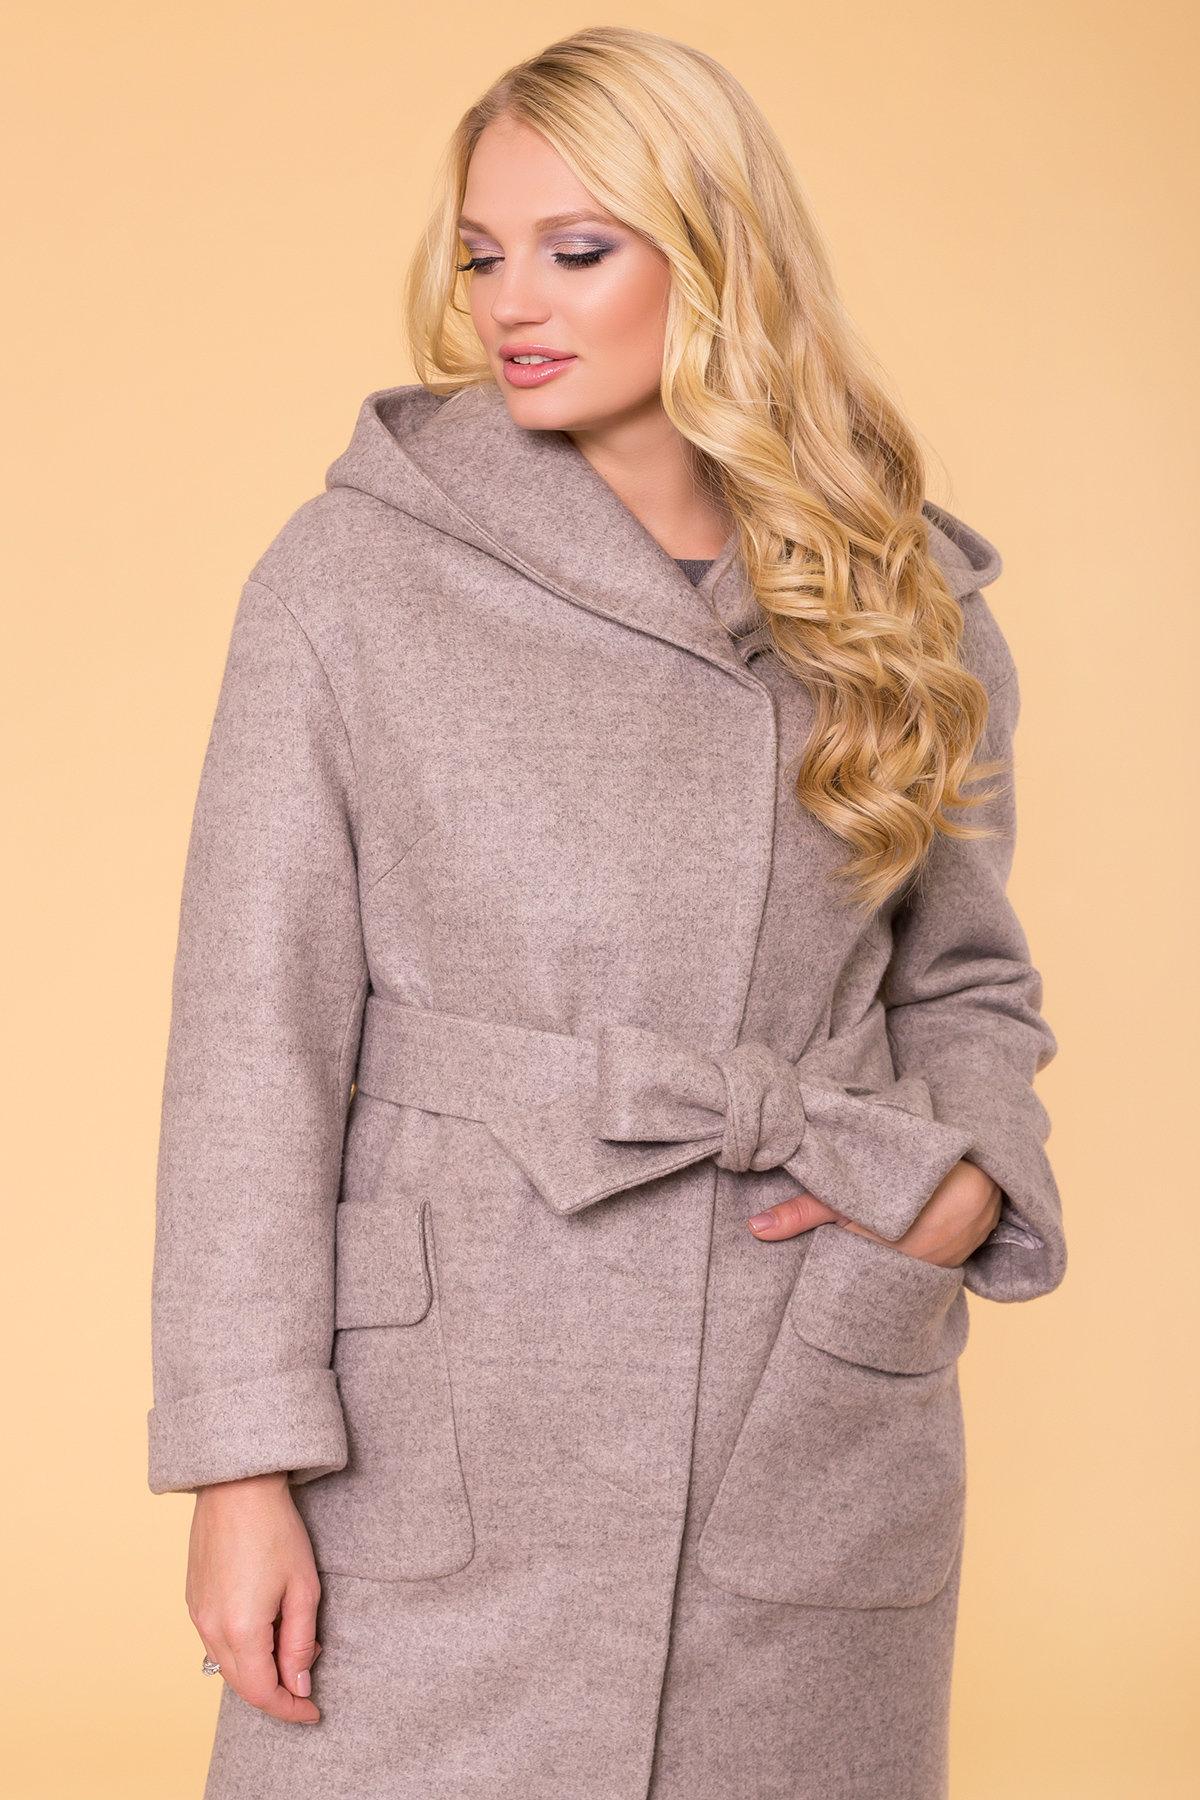 Пальто зима Анджи DONNA 5612 АРТ. 40691 Цвет: Бежевый 31 - фото 5, интернет магазин tm-modus.ru